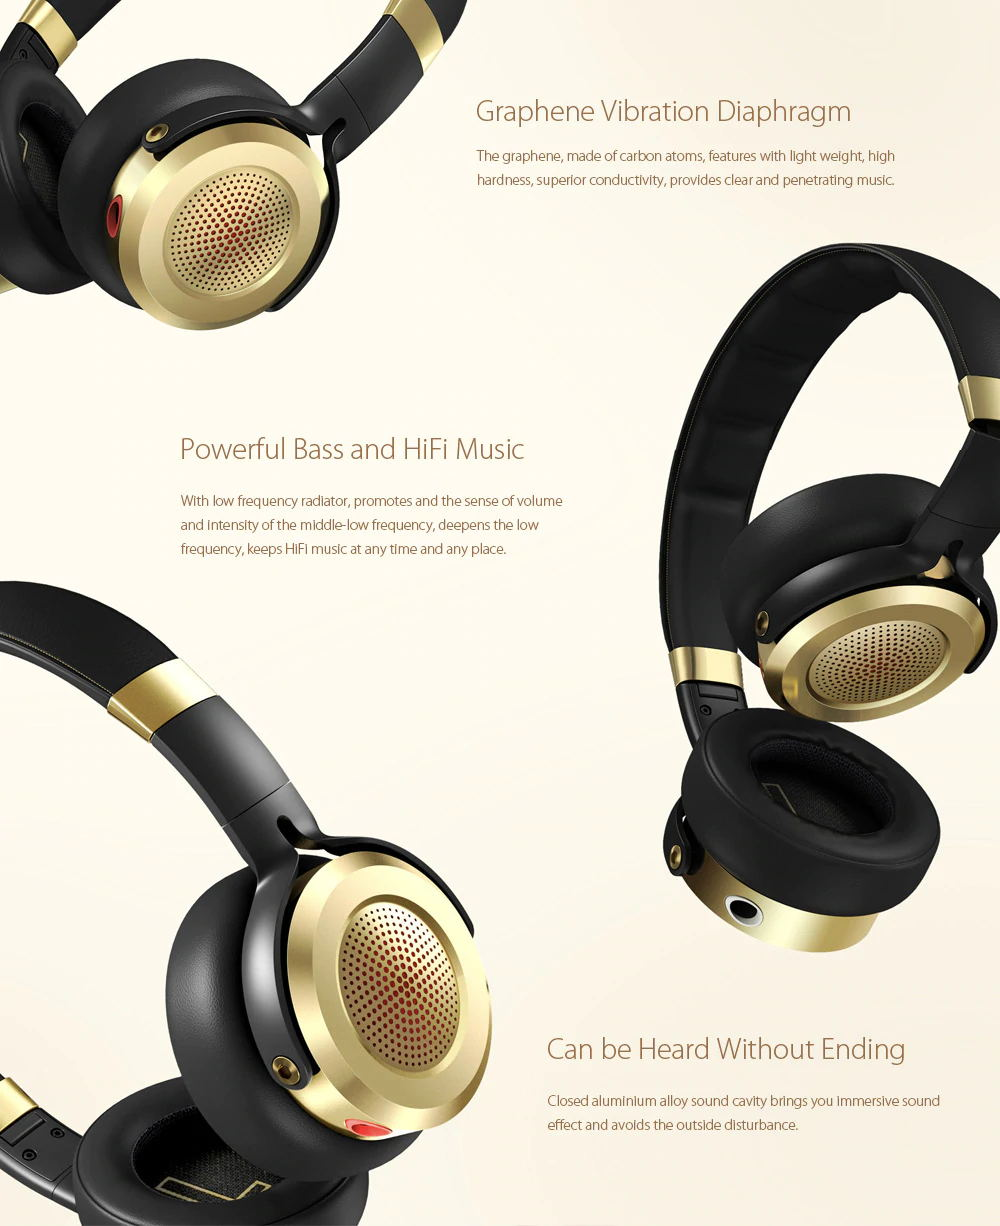 xiaomi mi headphones 2nd generation